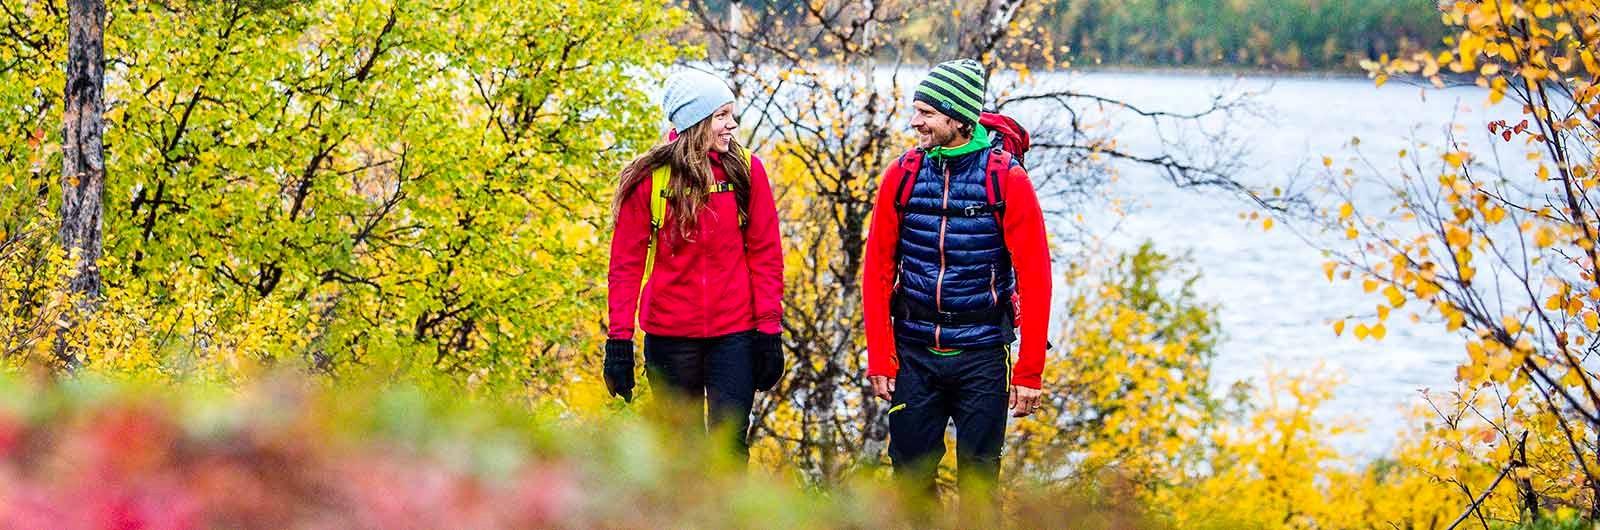 vandring-hösten